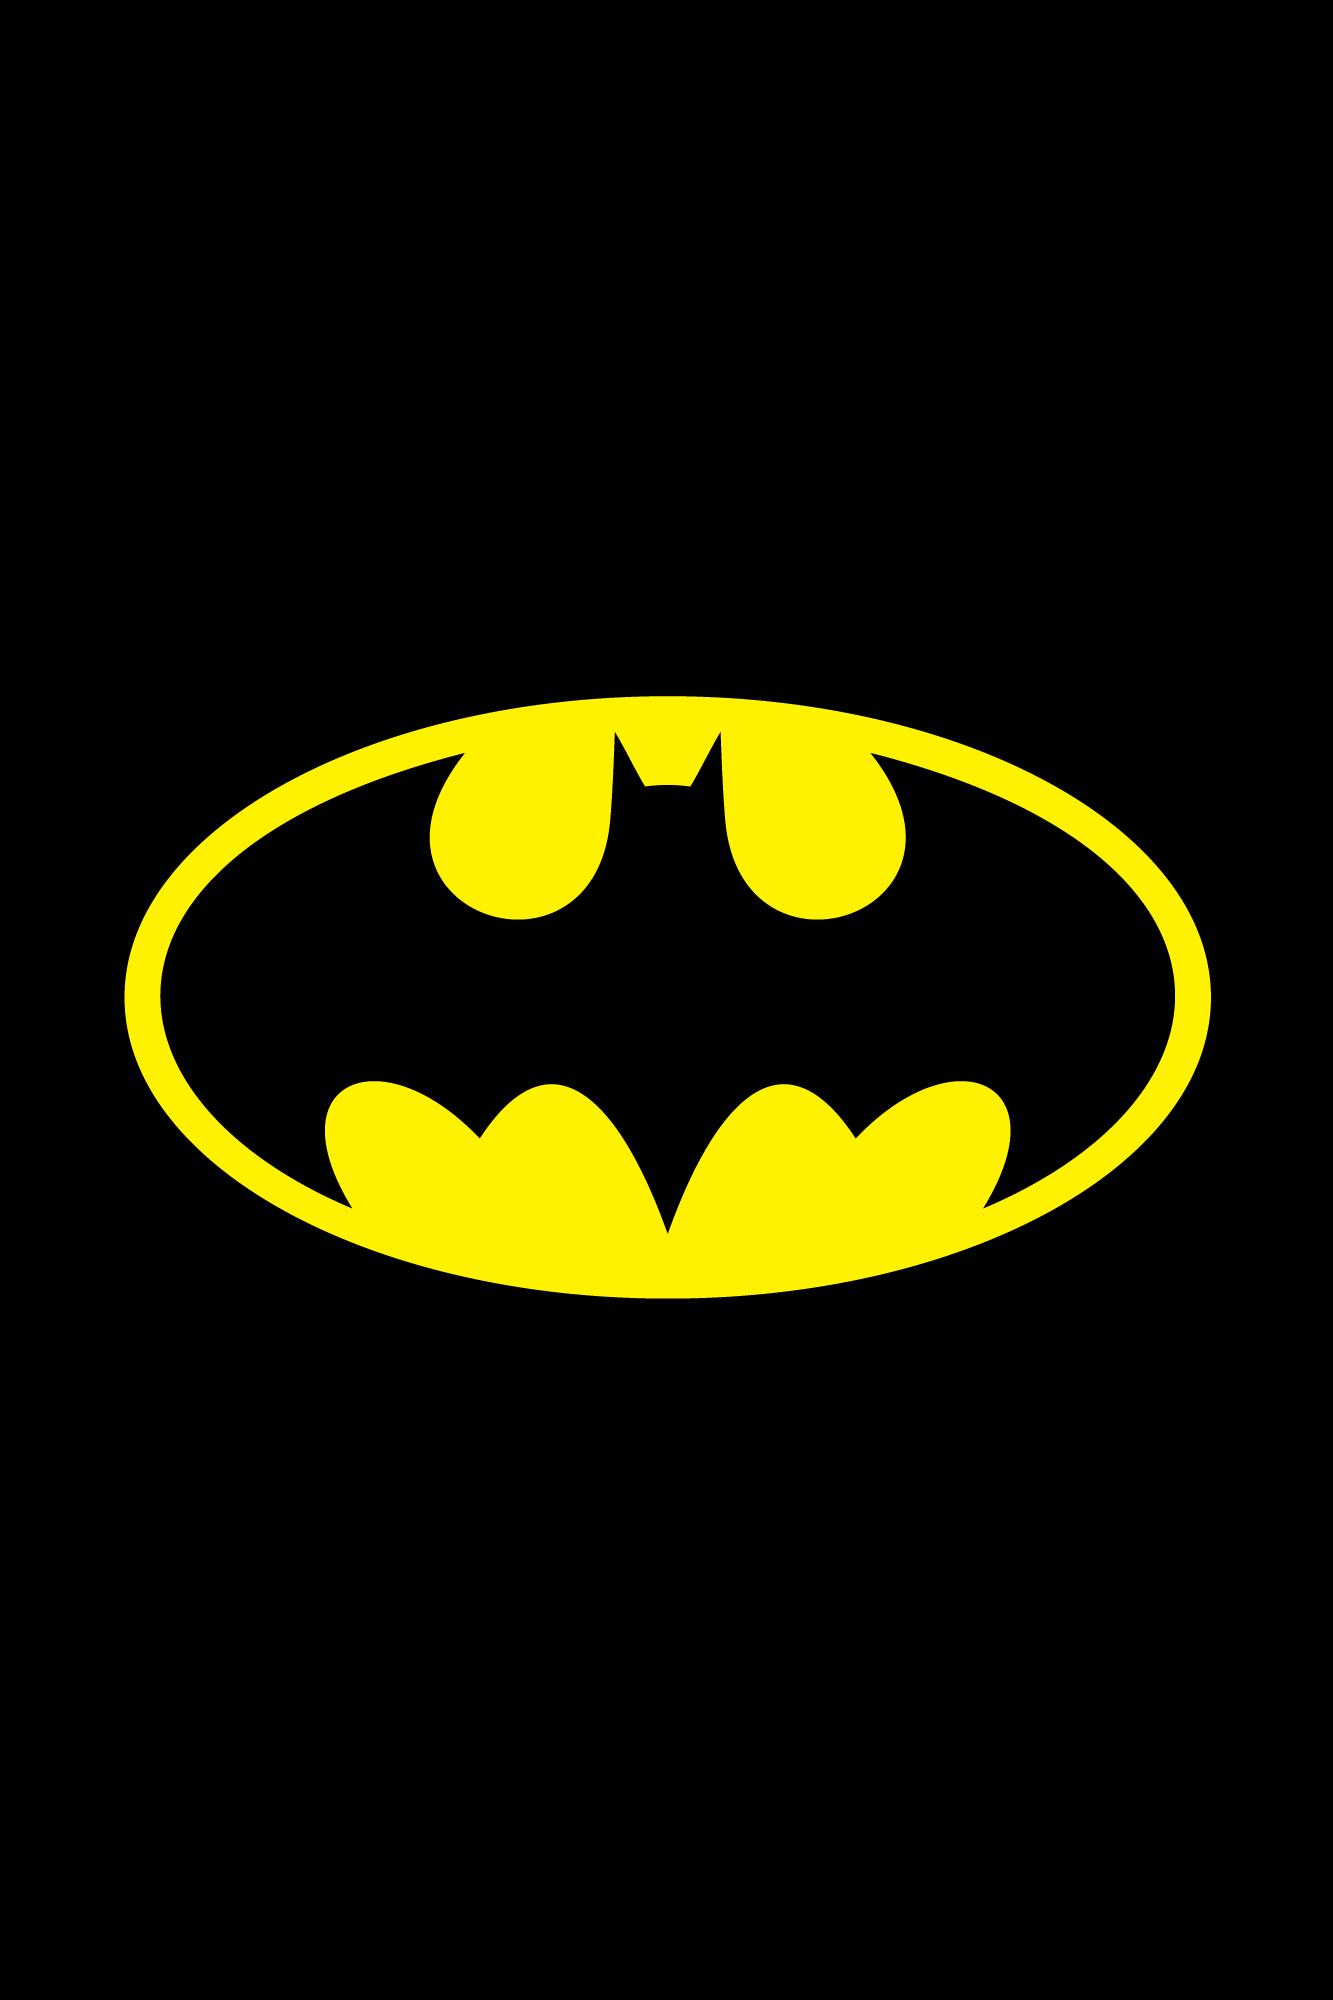 Os Melhores Wallpapers Geeks Para Iphone Batman Wallpaper Pattern Wallpaper Batman